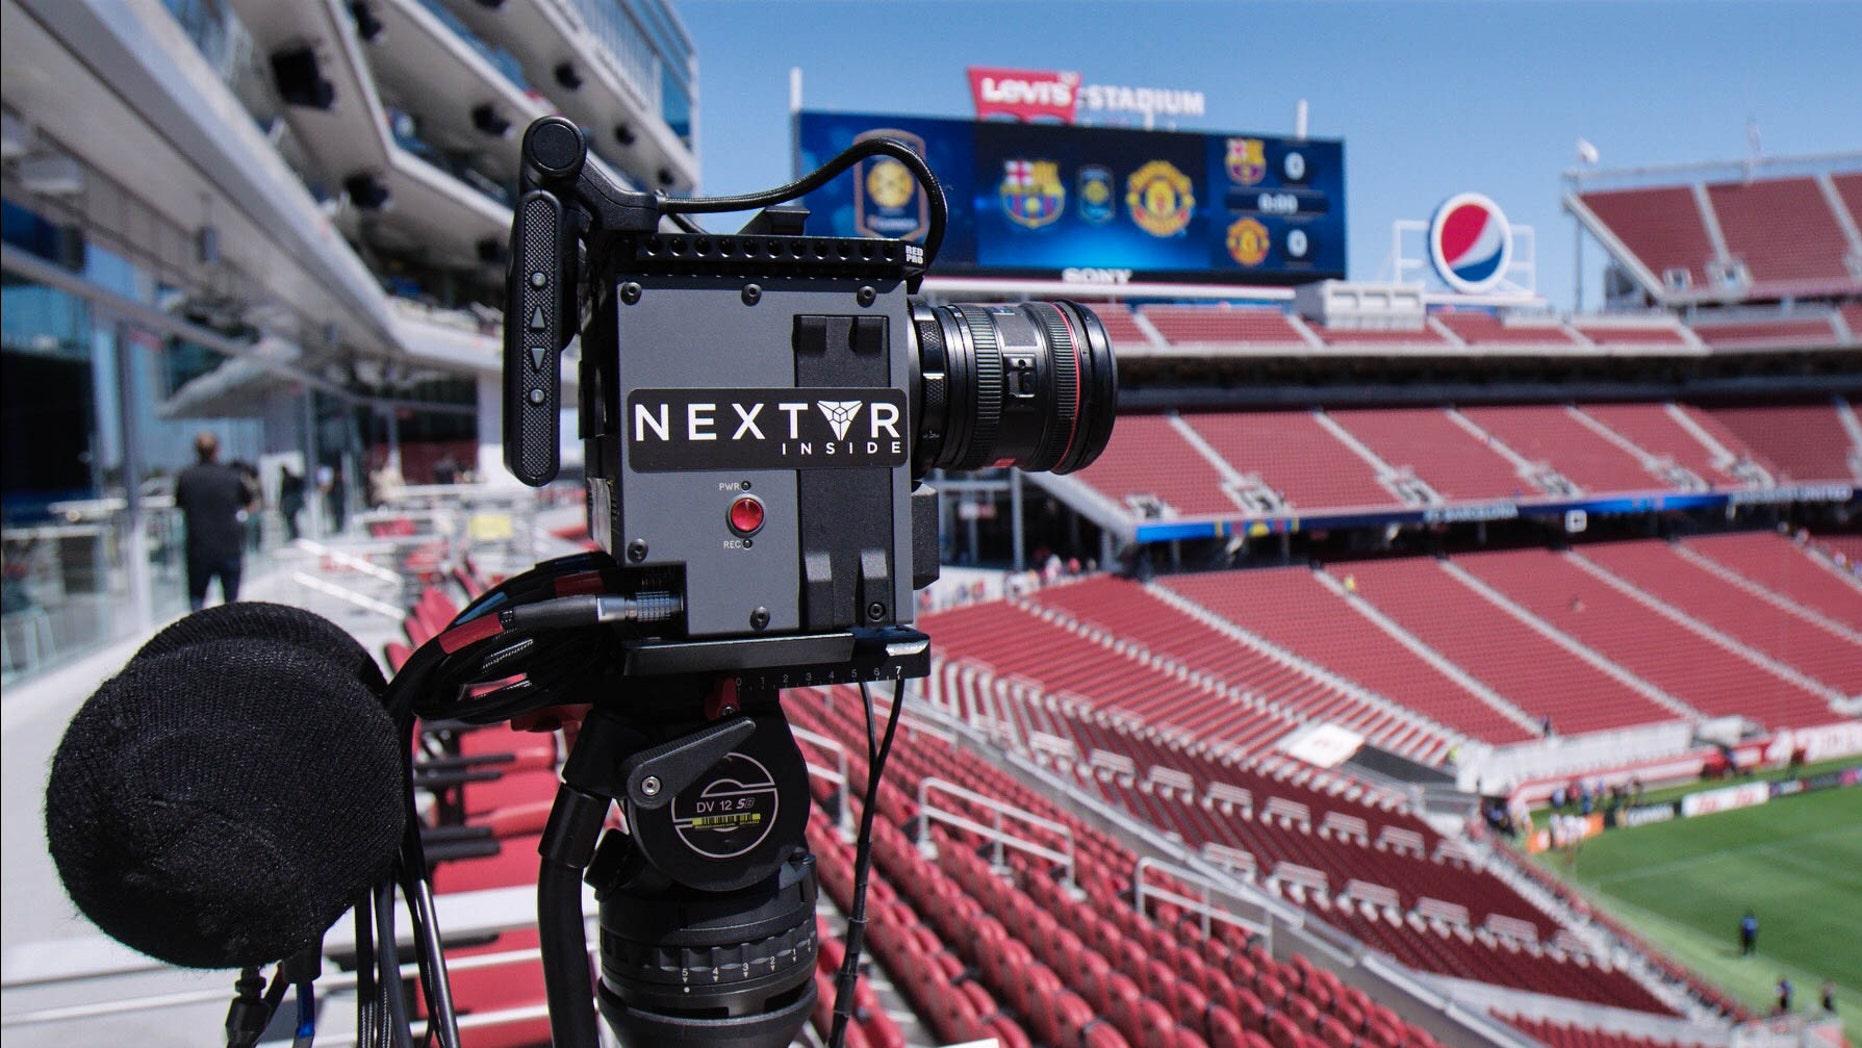 File photo of a NextVR camera (NextVR).